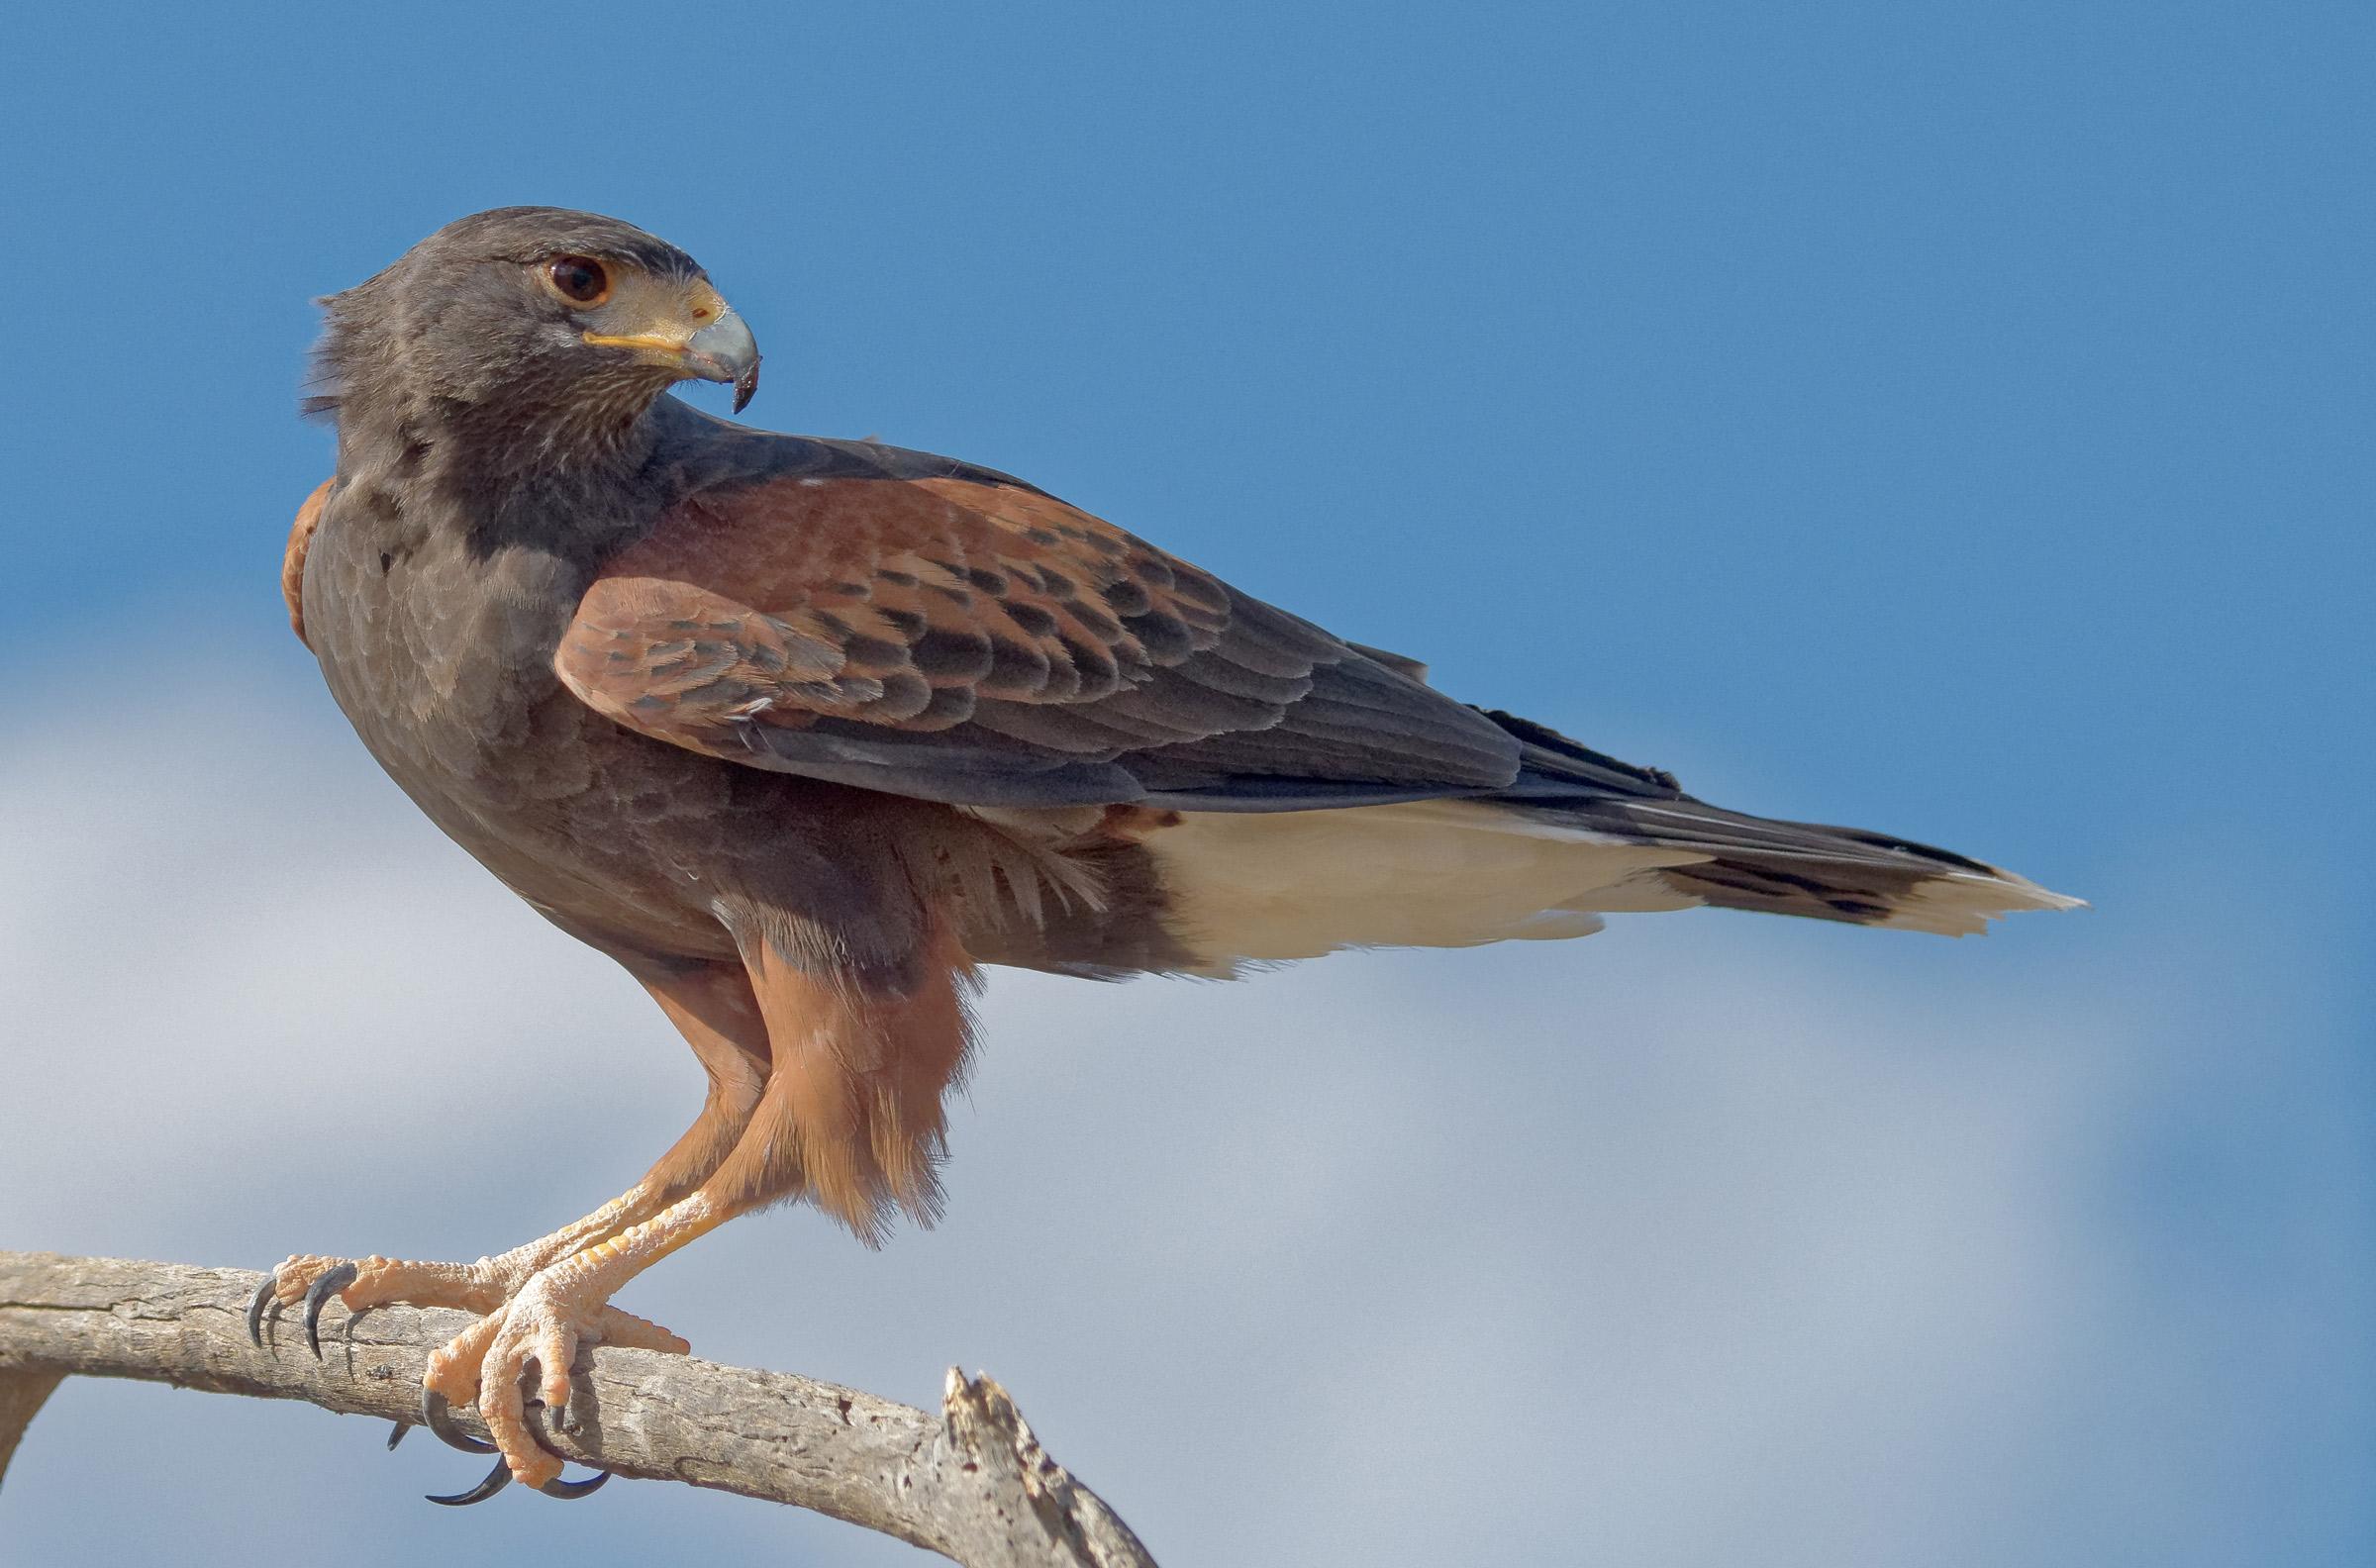 Harris's Hawk | Audubon Field Guide